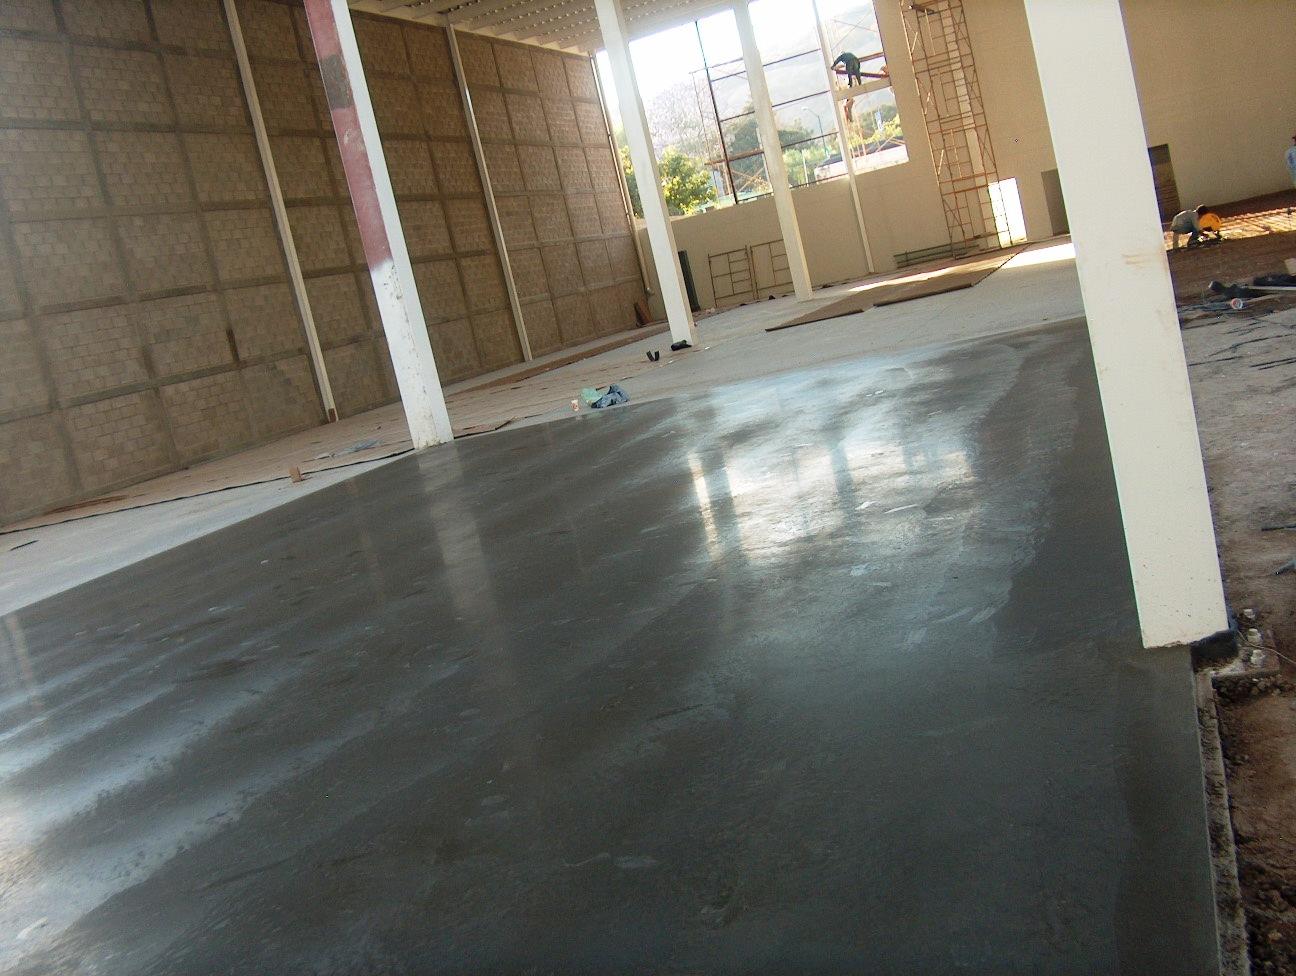 Galeria de imagenes pisos de concreto - Como limpiar piso de cemento pulido ...